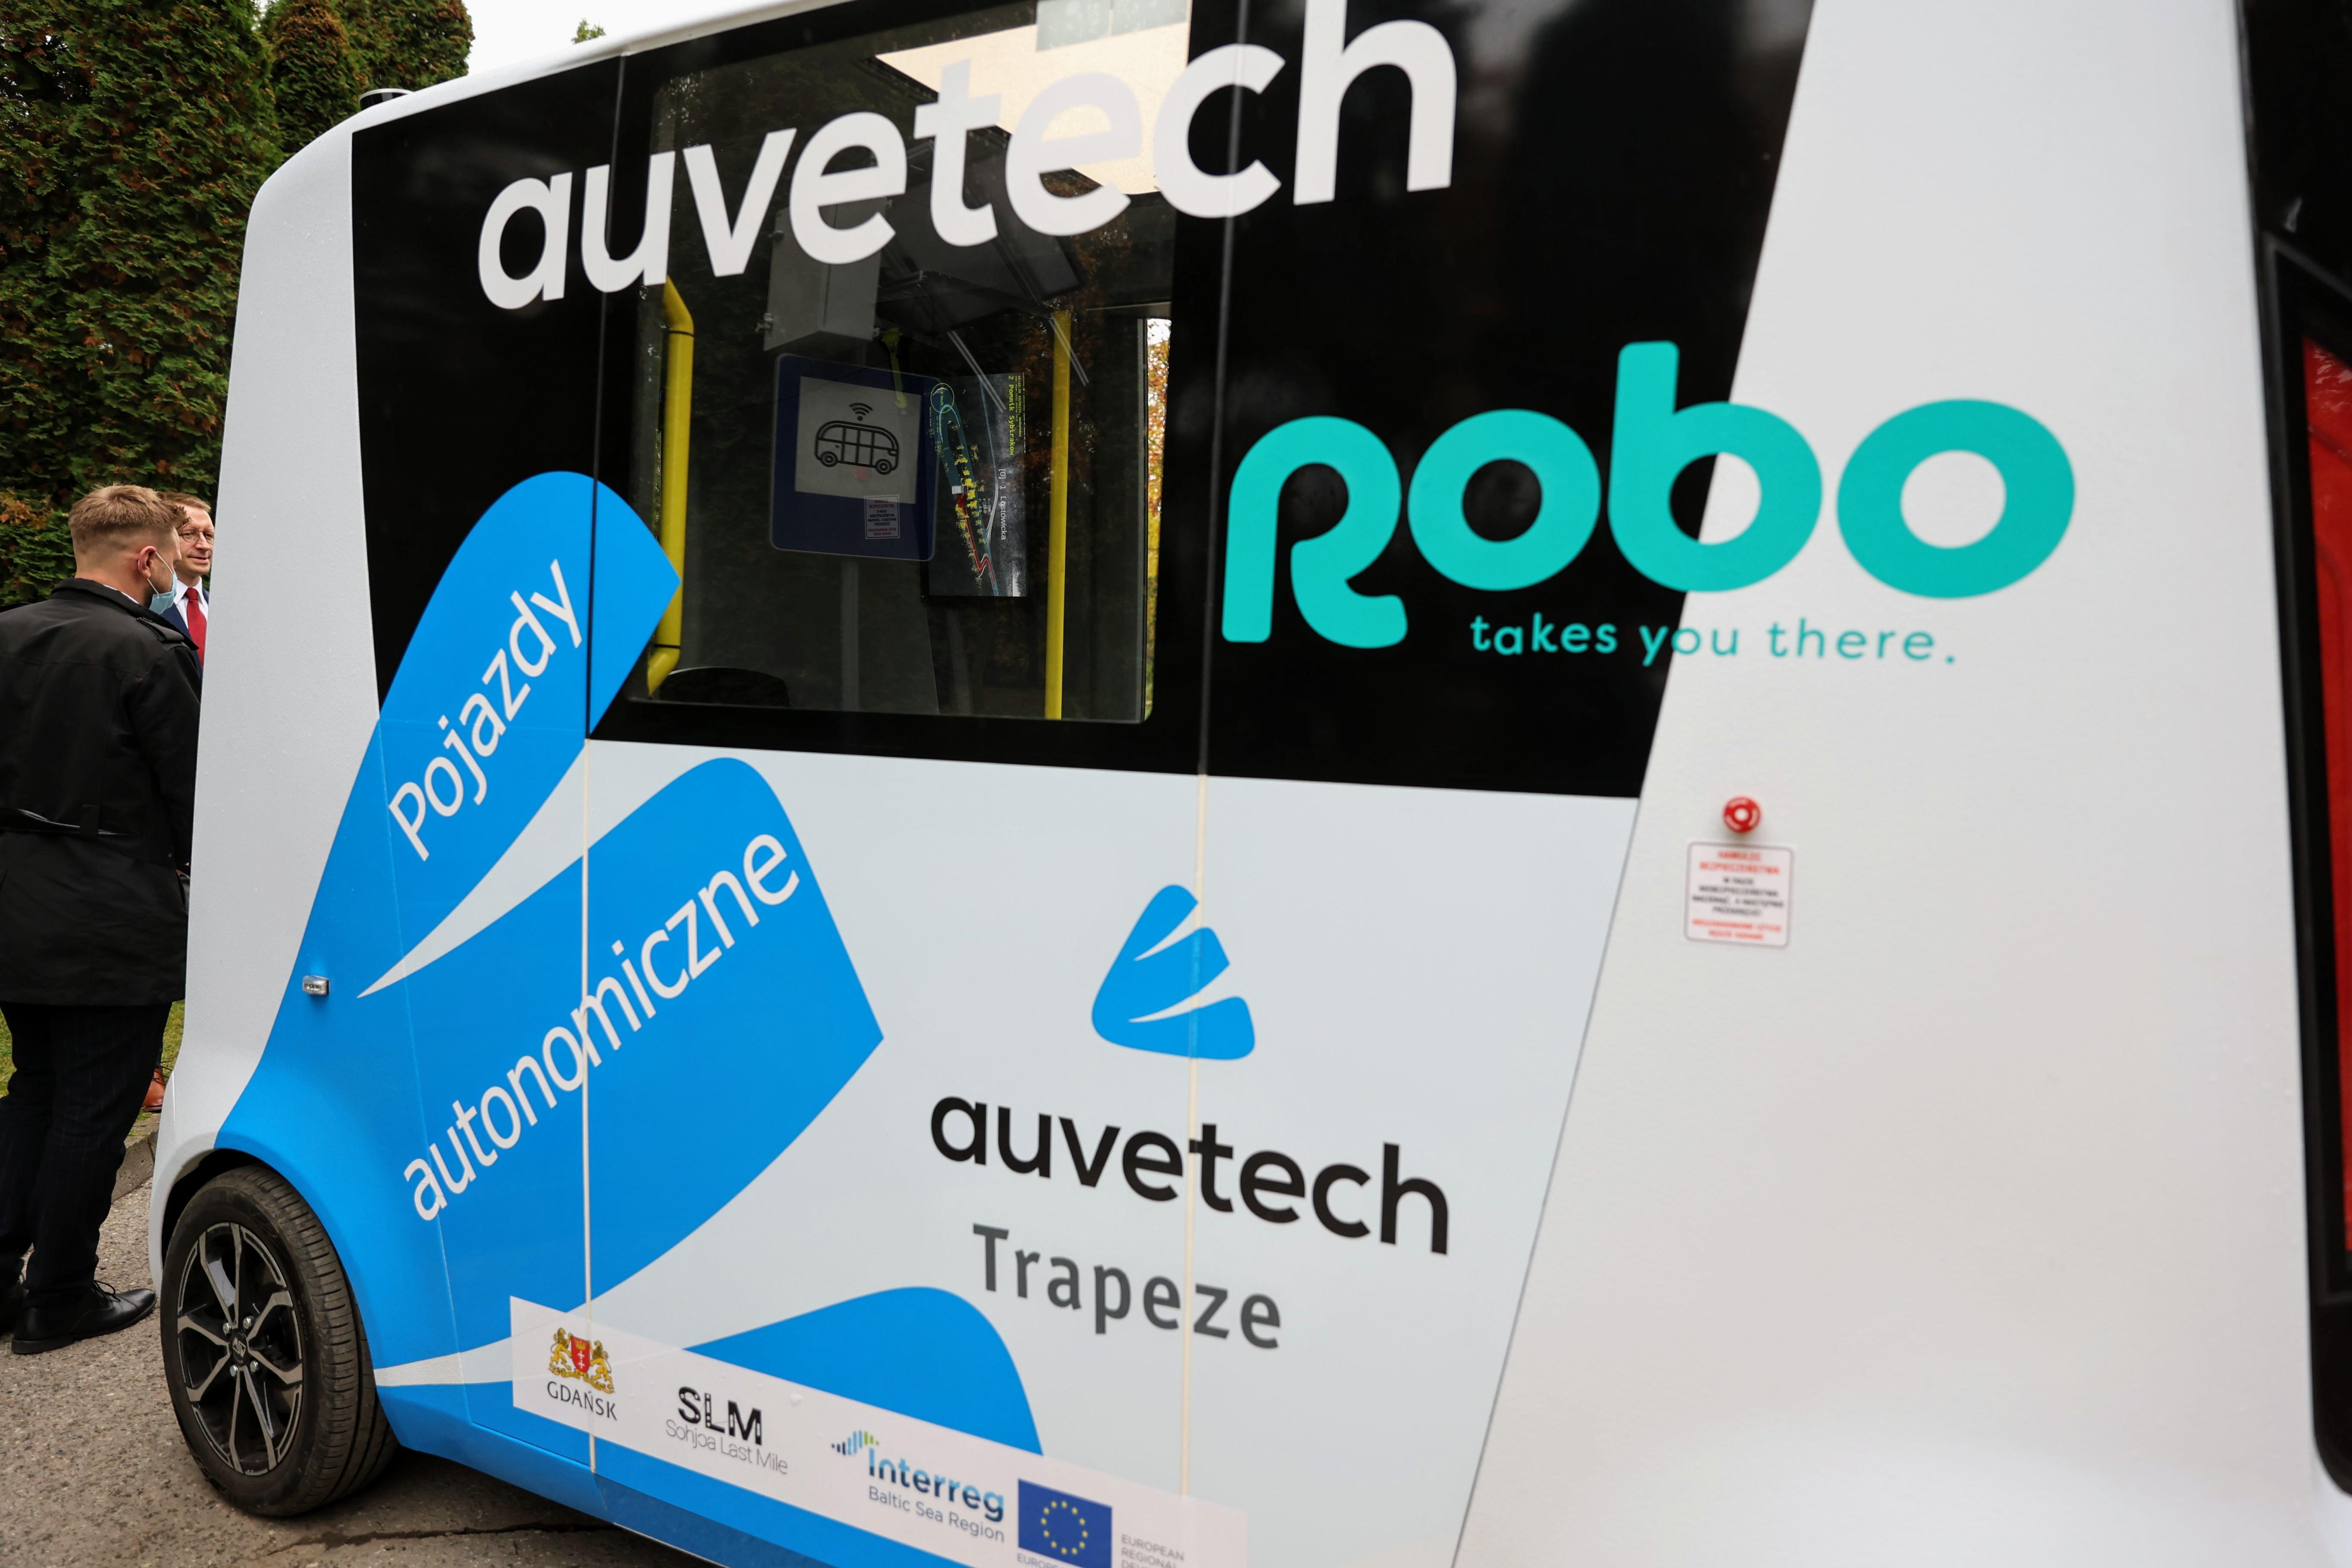 Chcesz się przejechać autonomicznym busem? Możesz to zrobić w Gdańsku